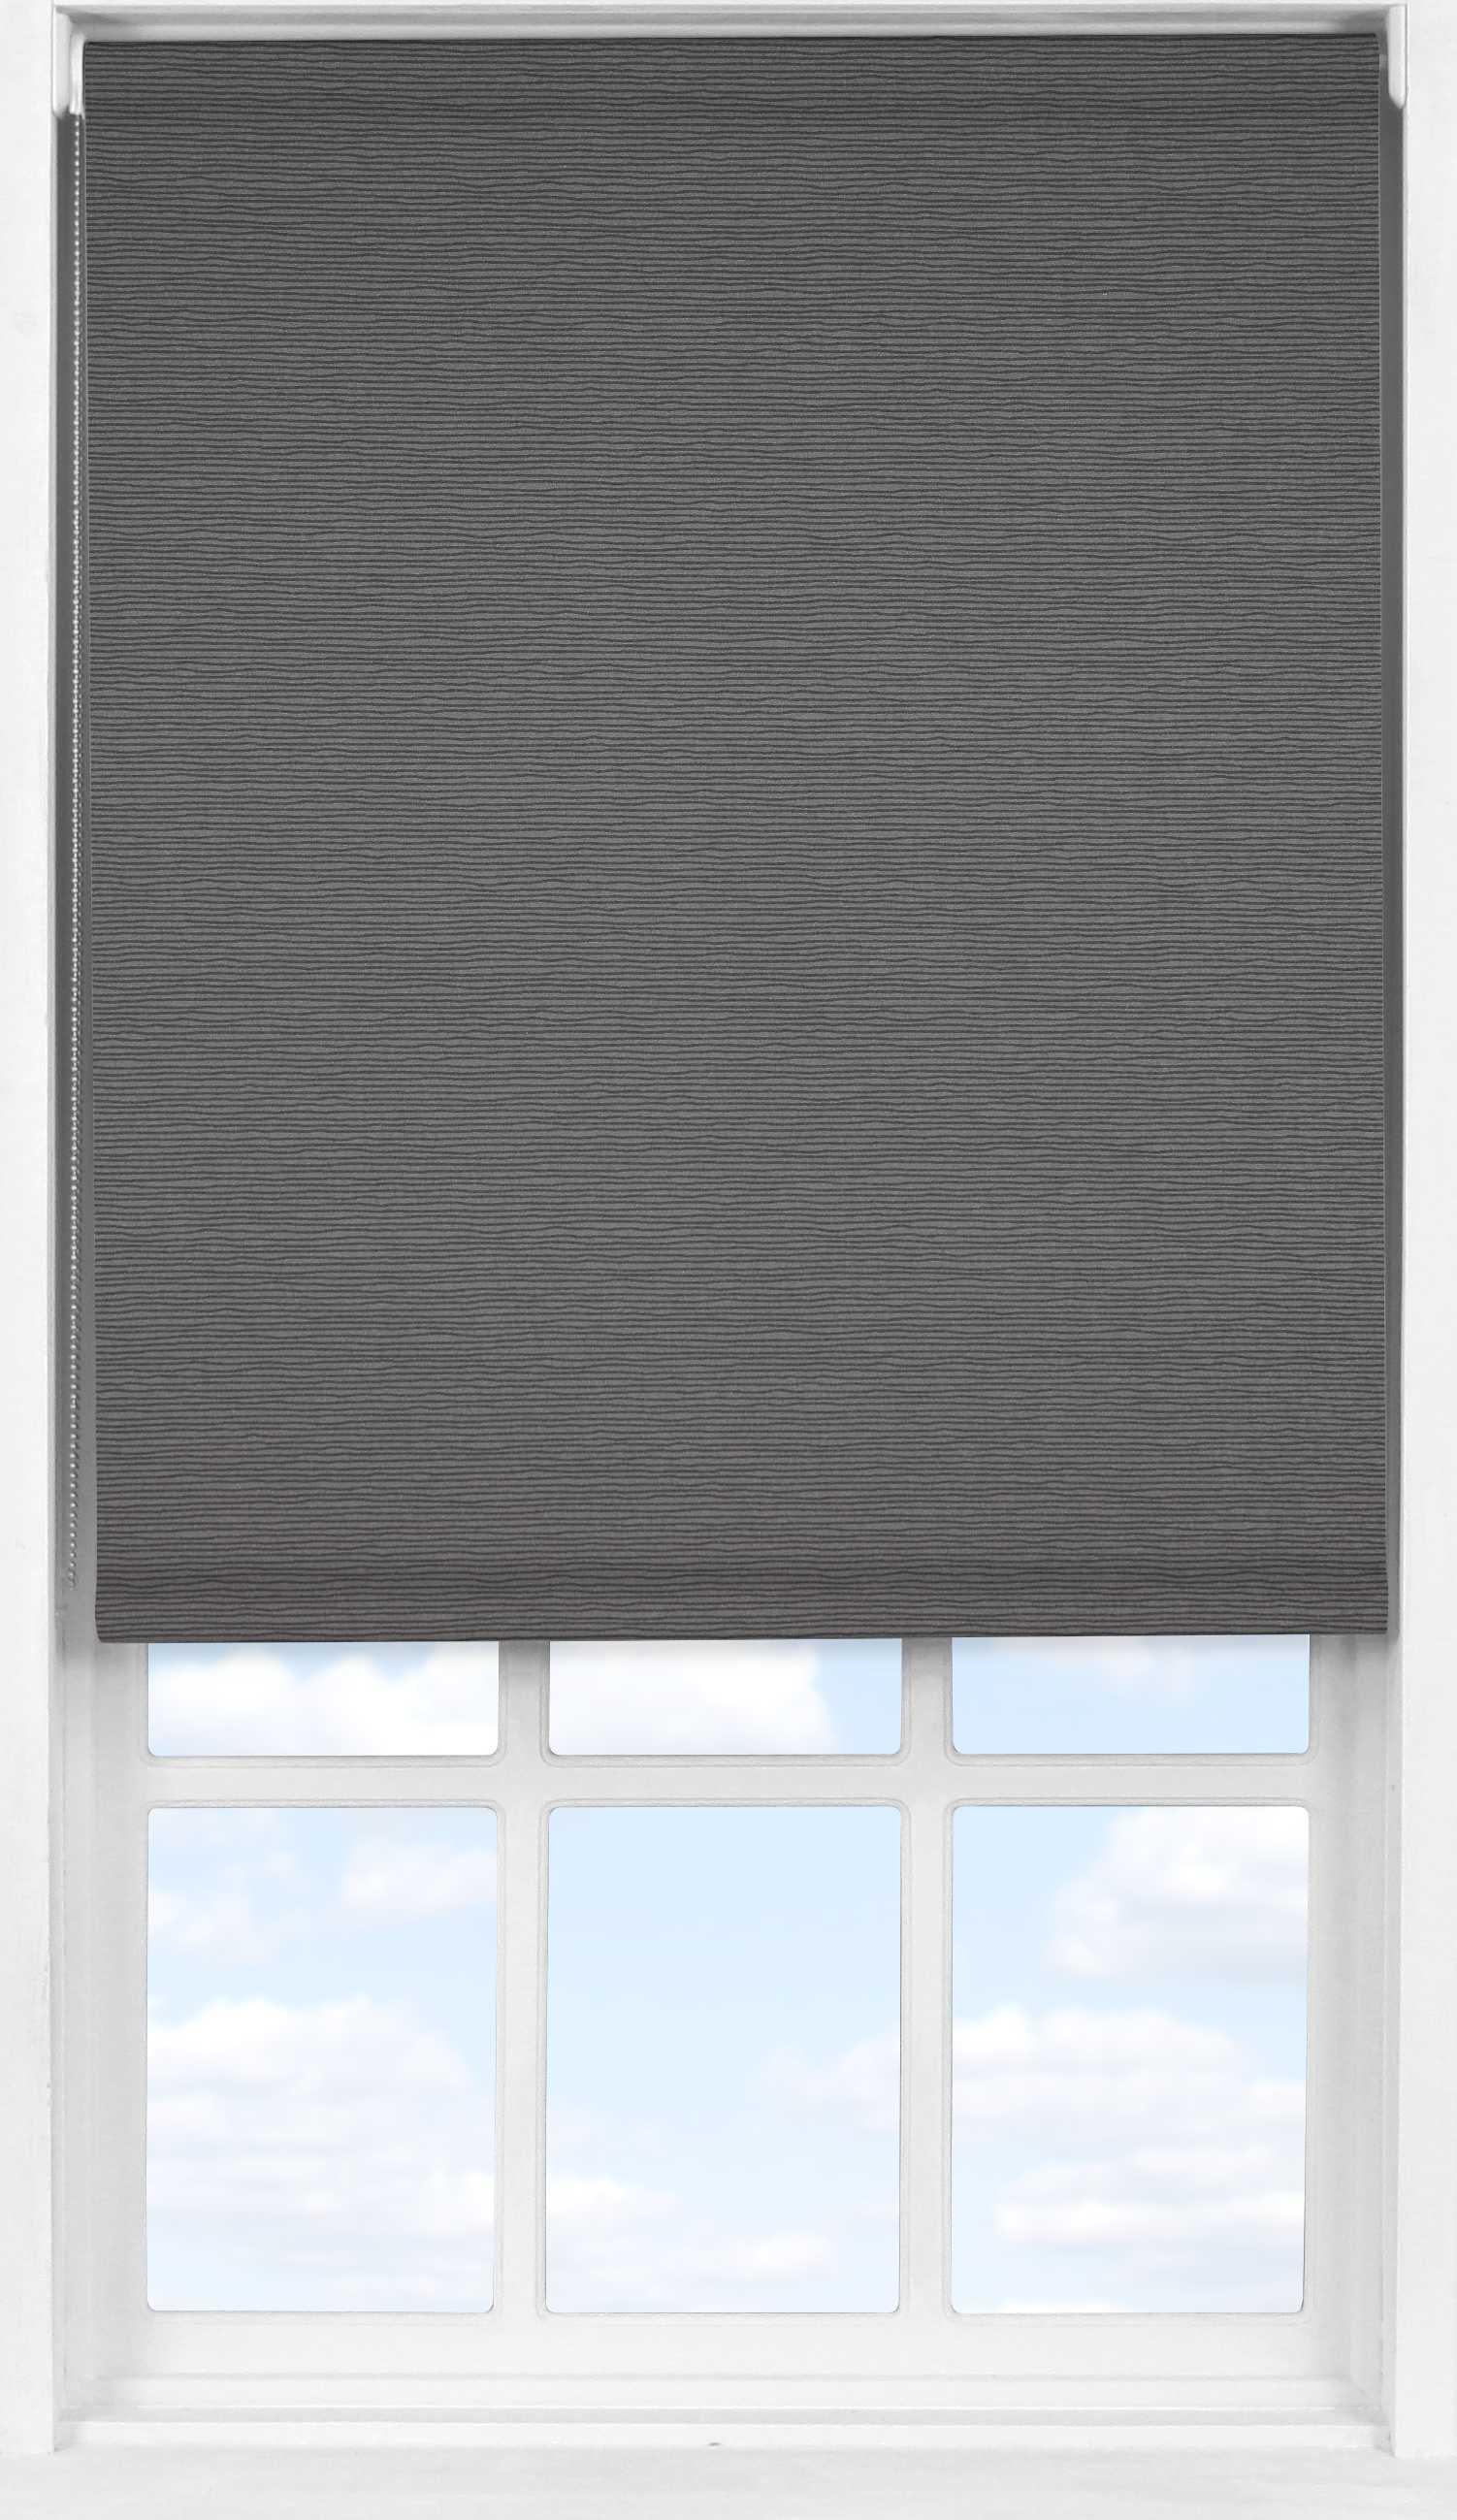 Easifit Roller Blind in Charcoal Stripe Translucent